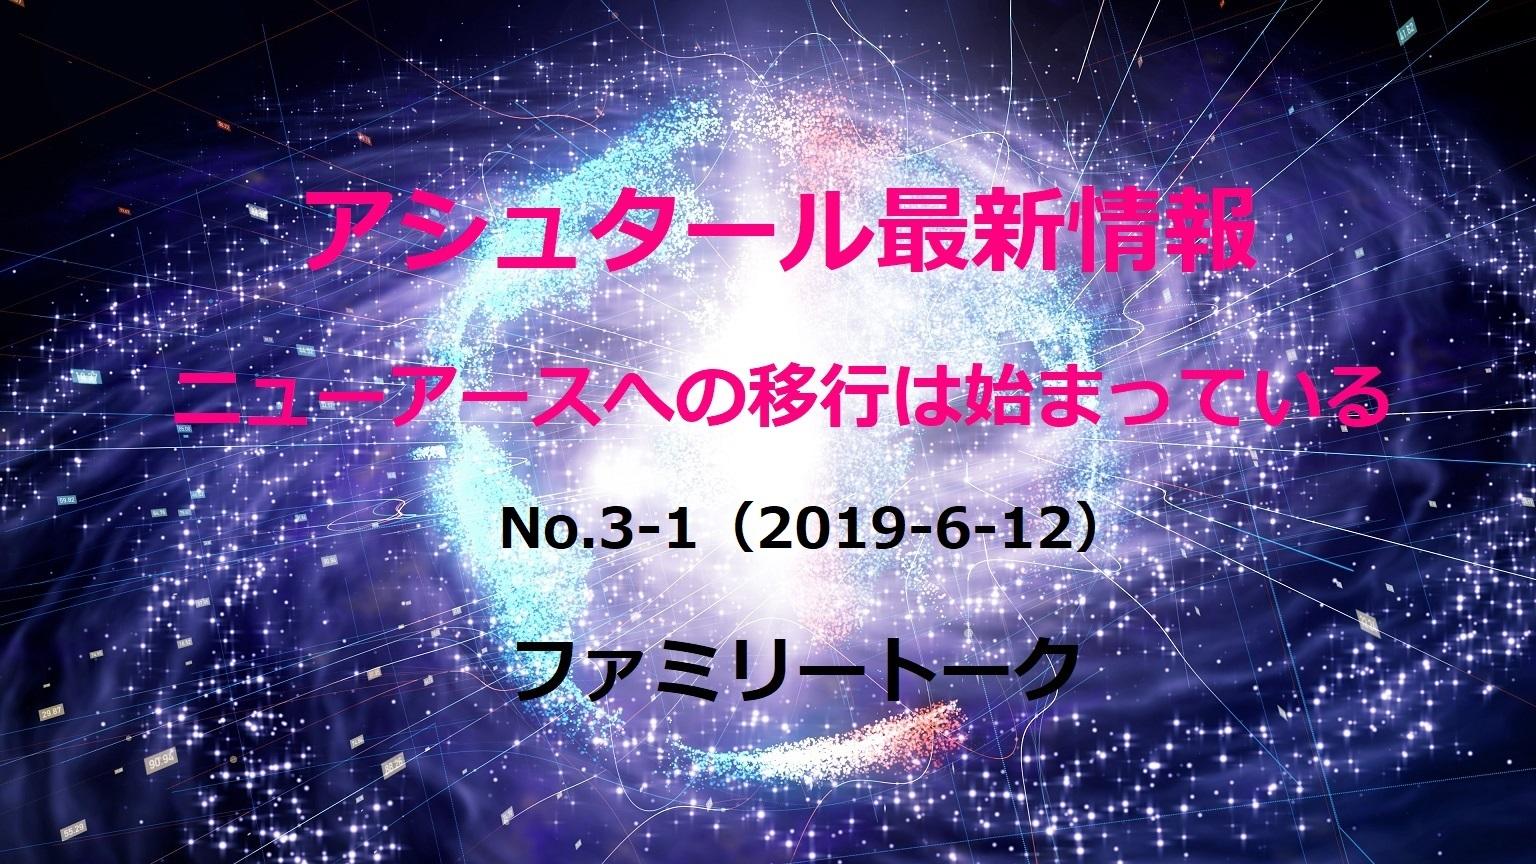 アシュタール最新情報No.3-1(2019-6-12)